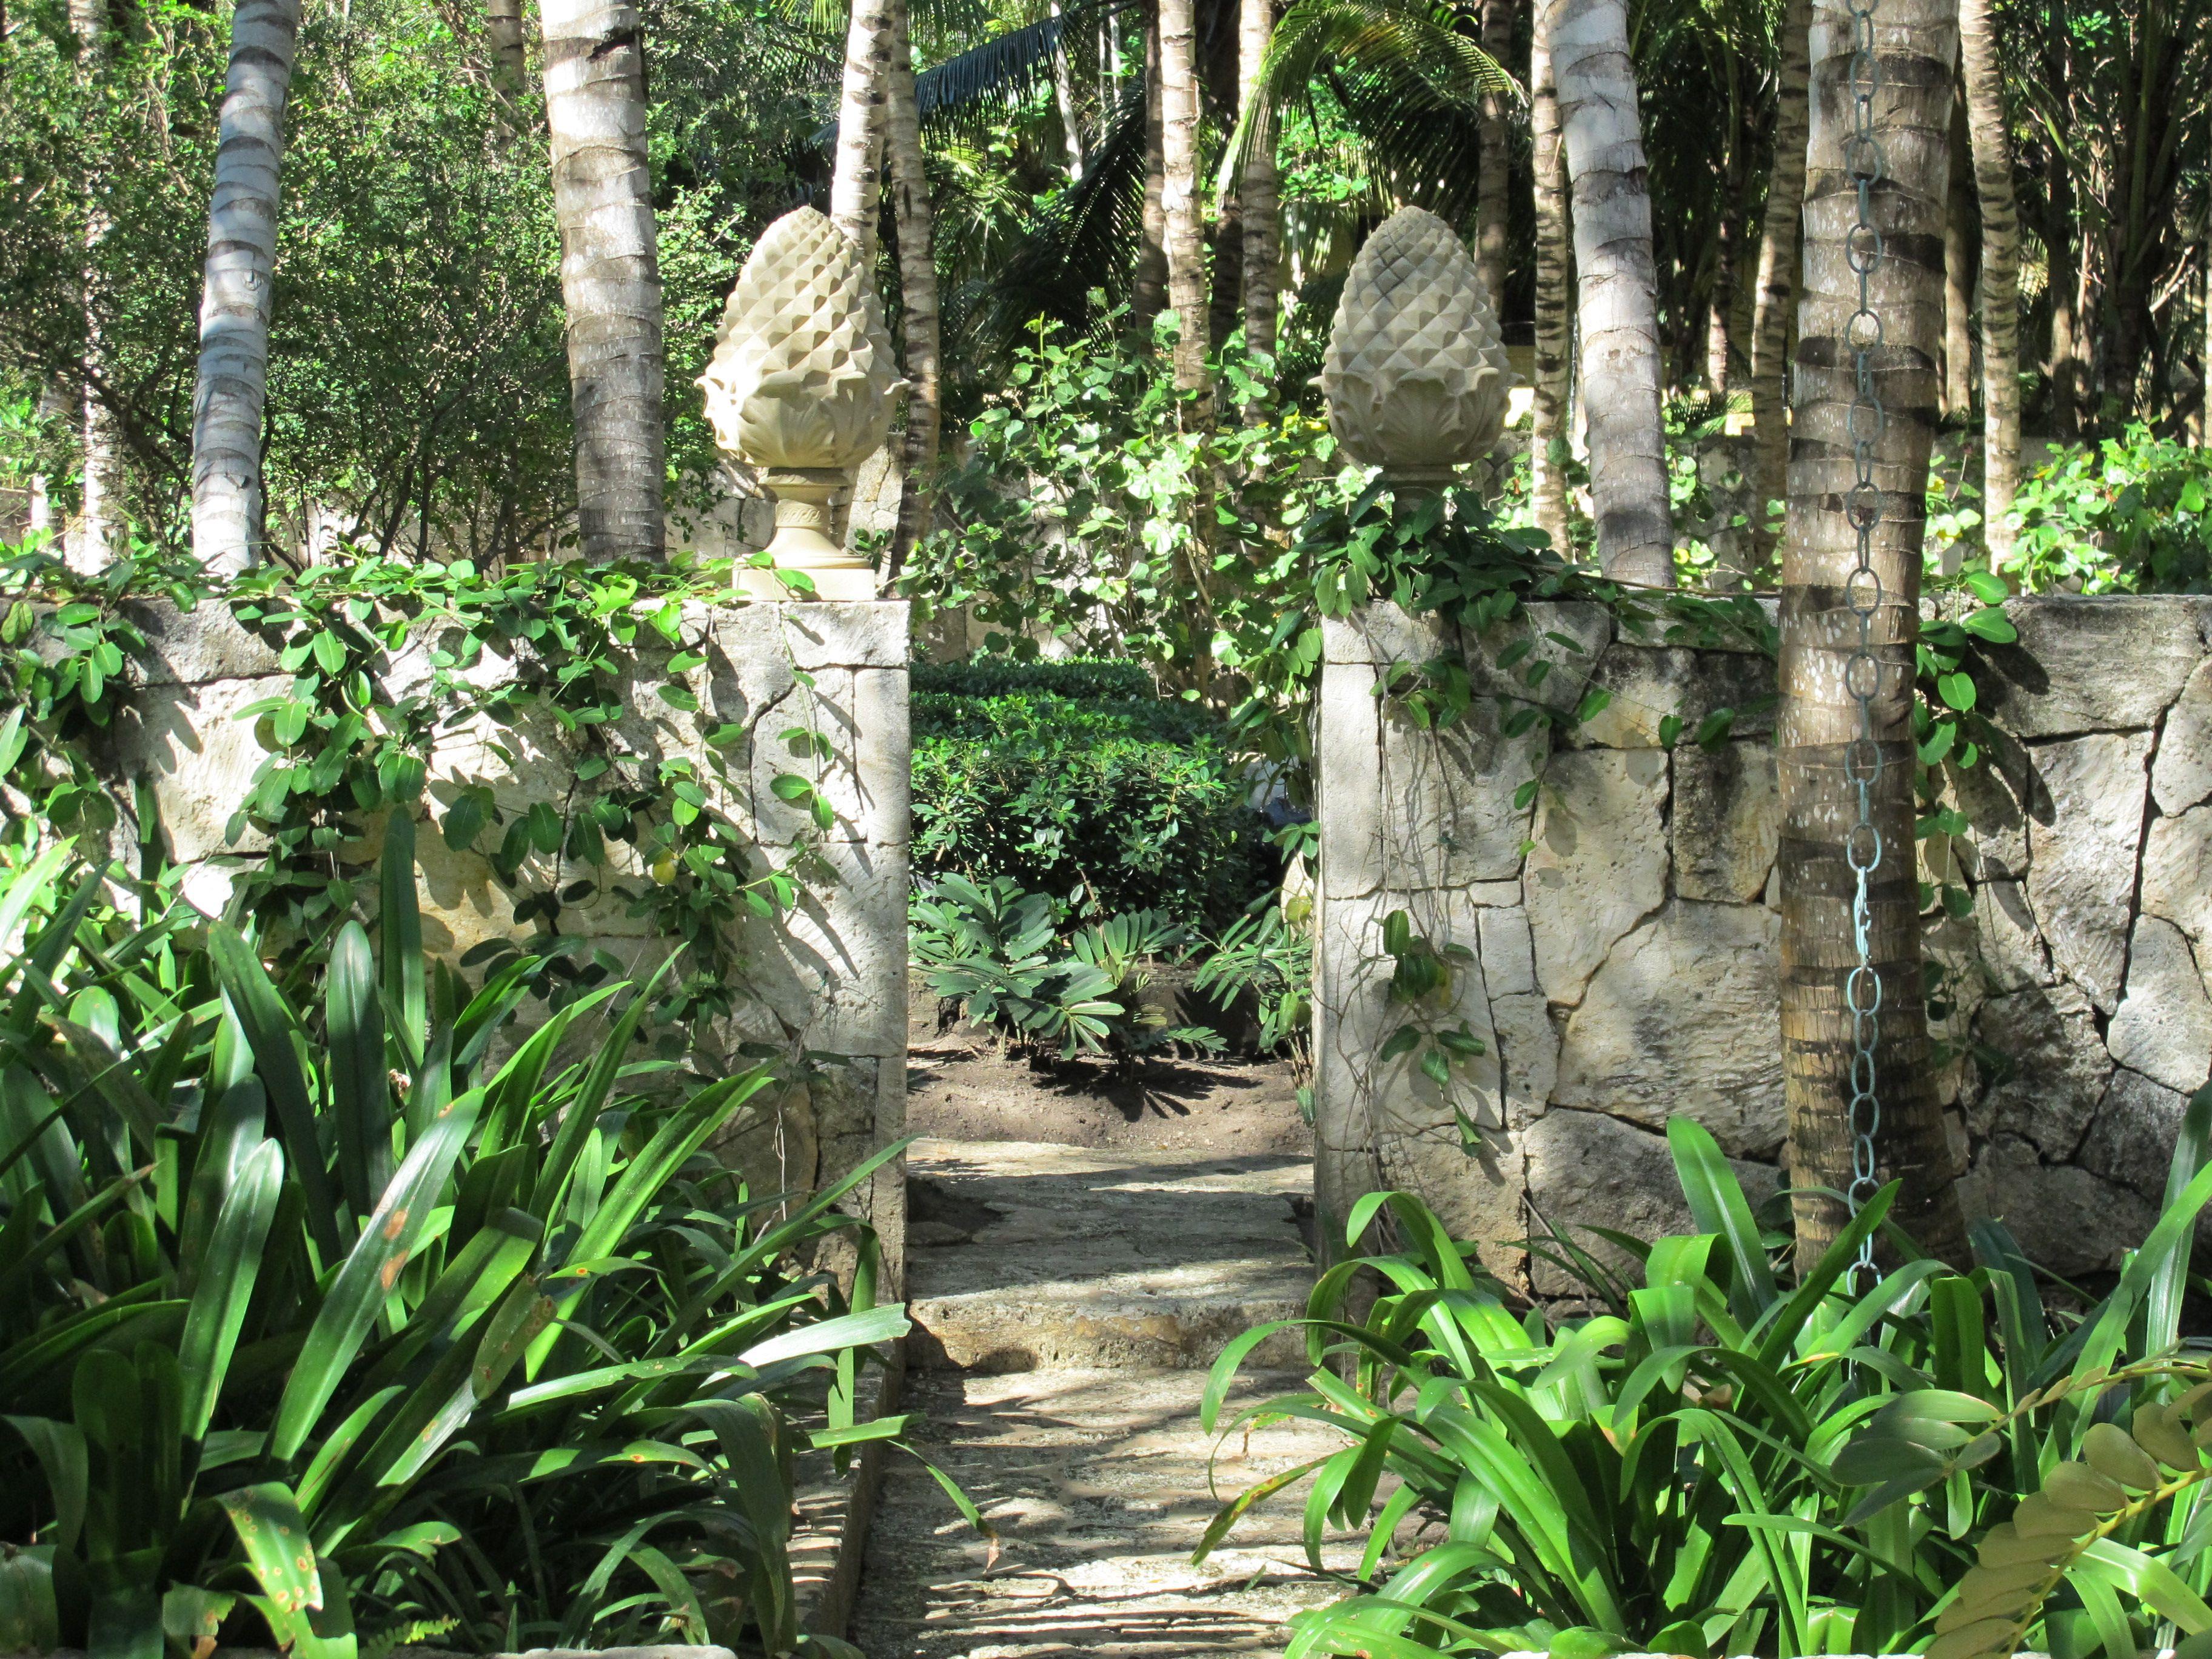 Home garden style  Photo by Oscar de la Renta of his gardens in Punta Cana Order The